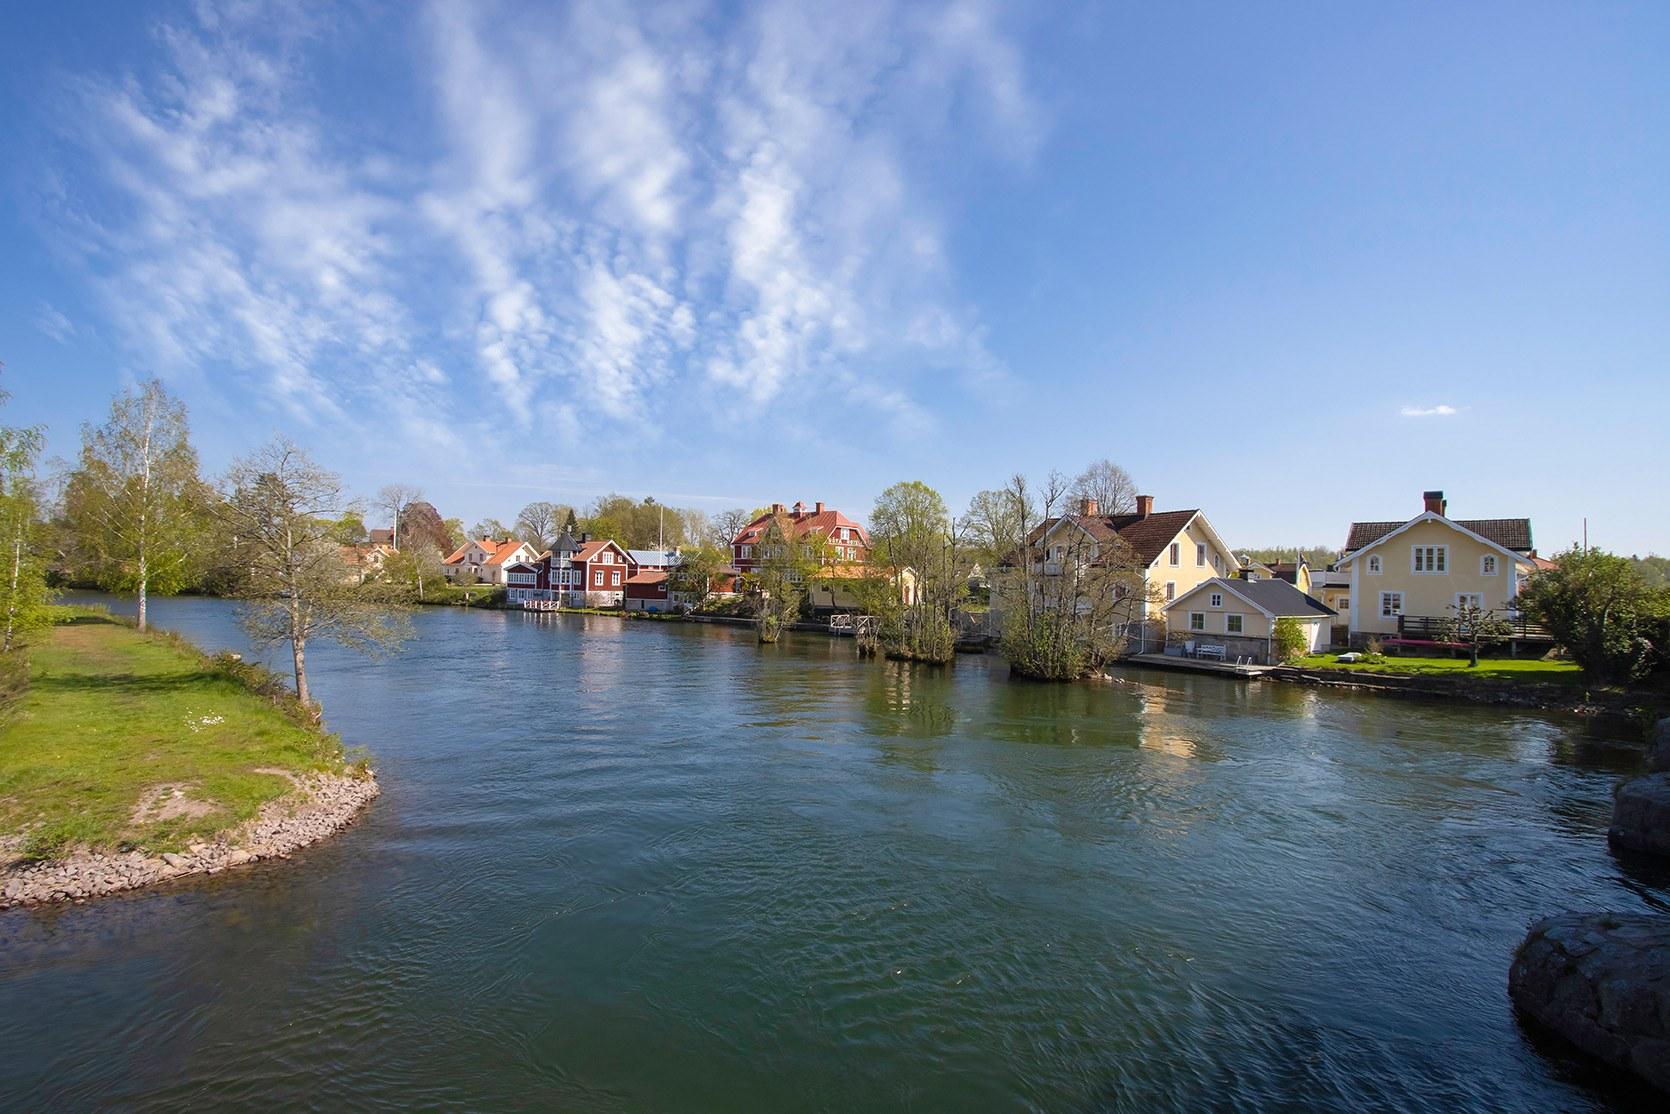 Ett vattendrag som svänger till vänster, intill ligger flera hus